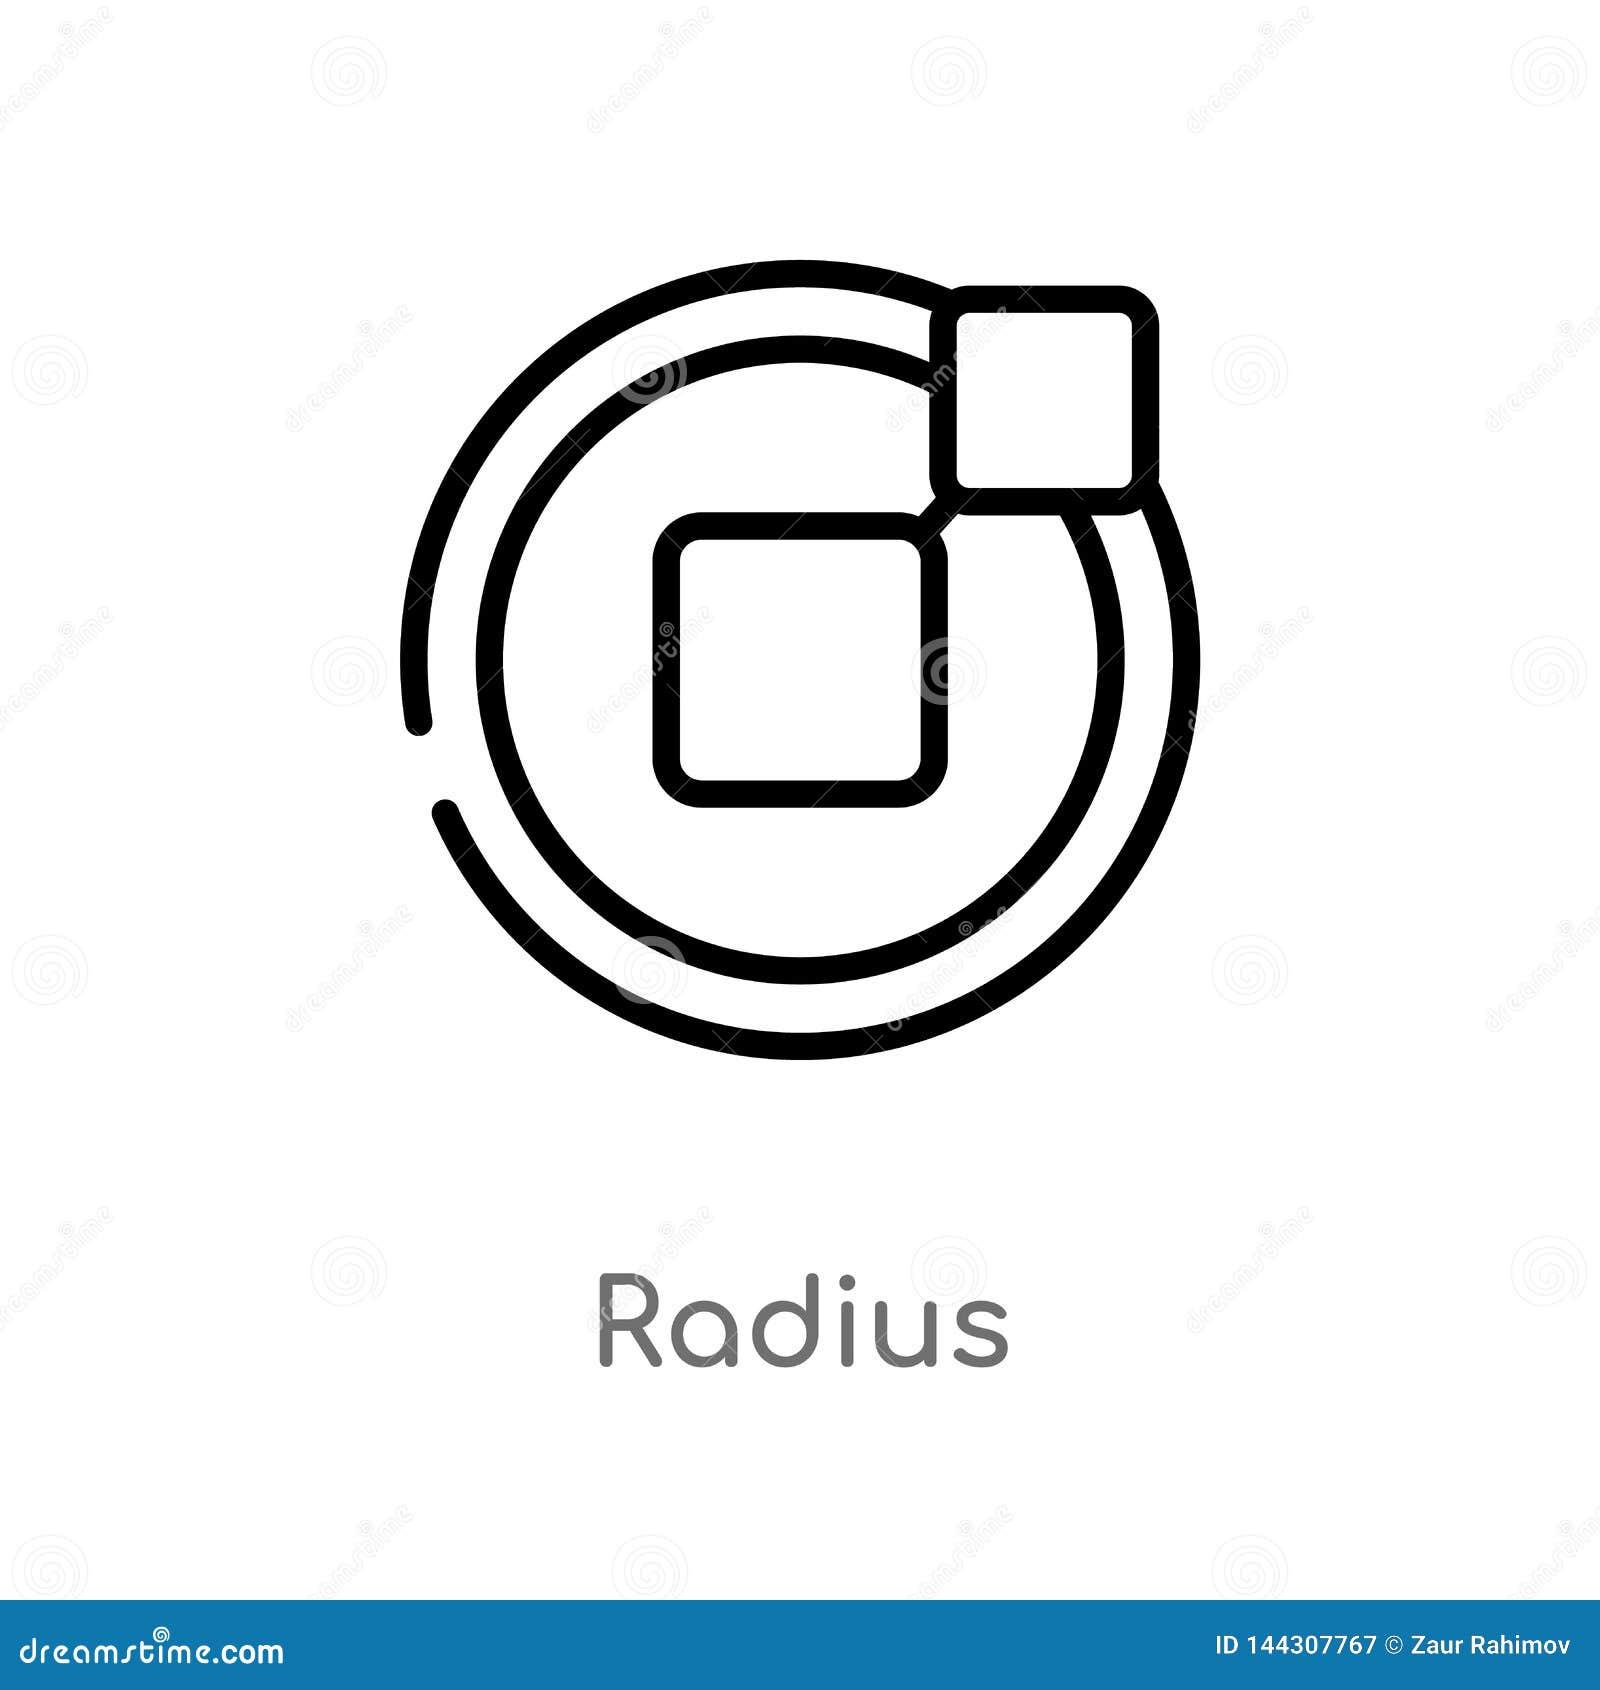 значок вектора радиуса плана изолированная черная простая линия иллюстрация элемента от концепции геометрии editable радиус хода